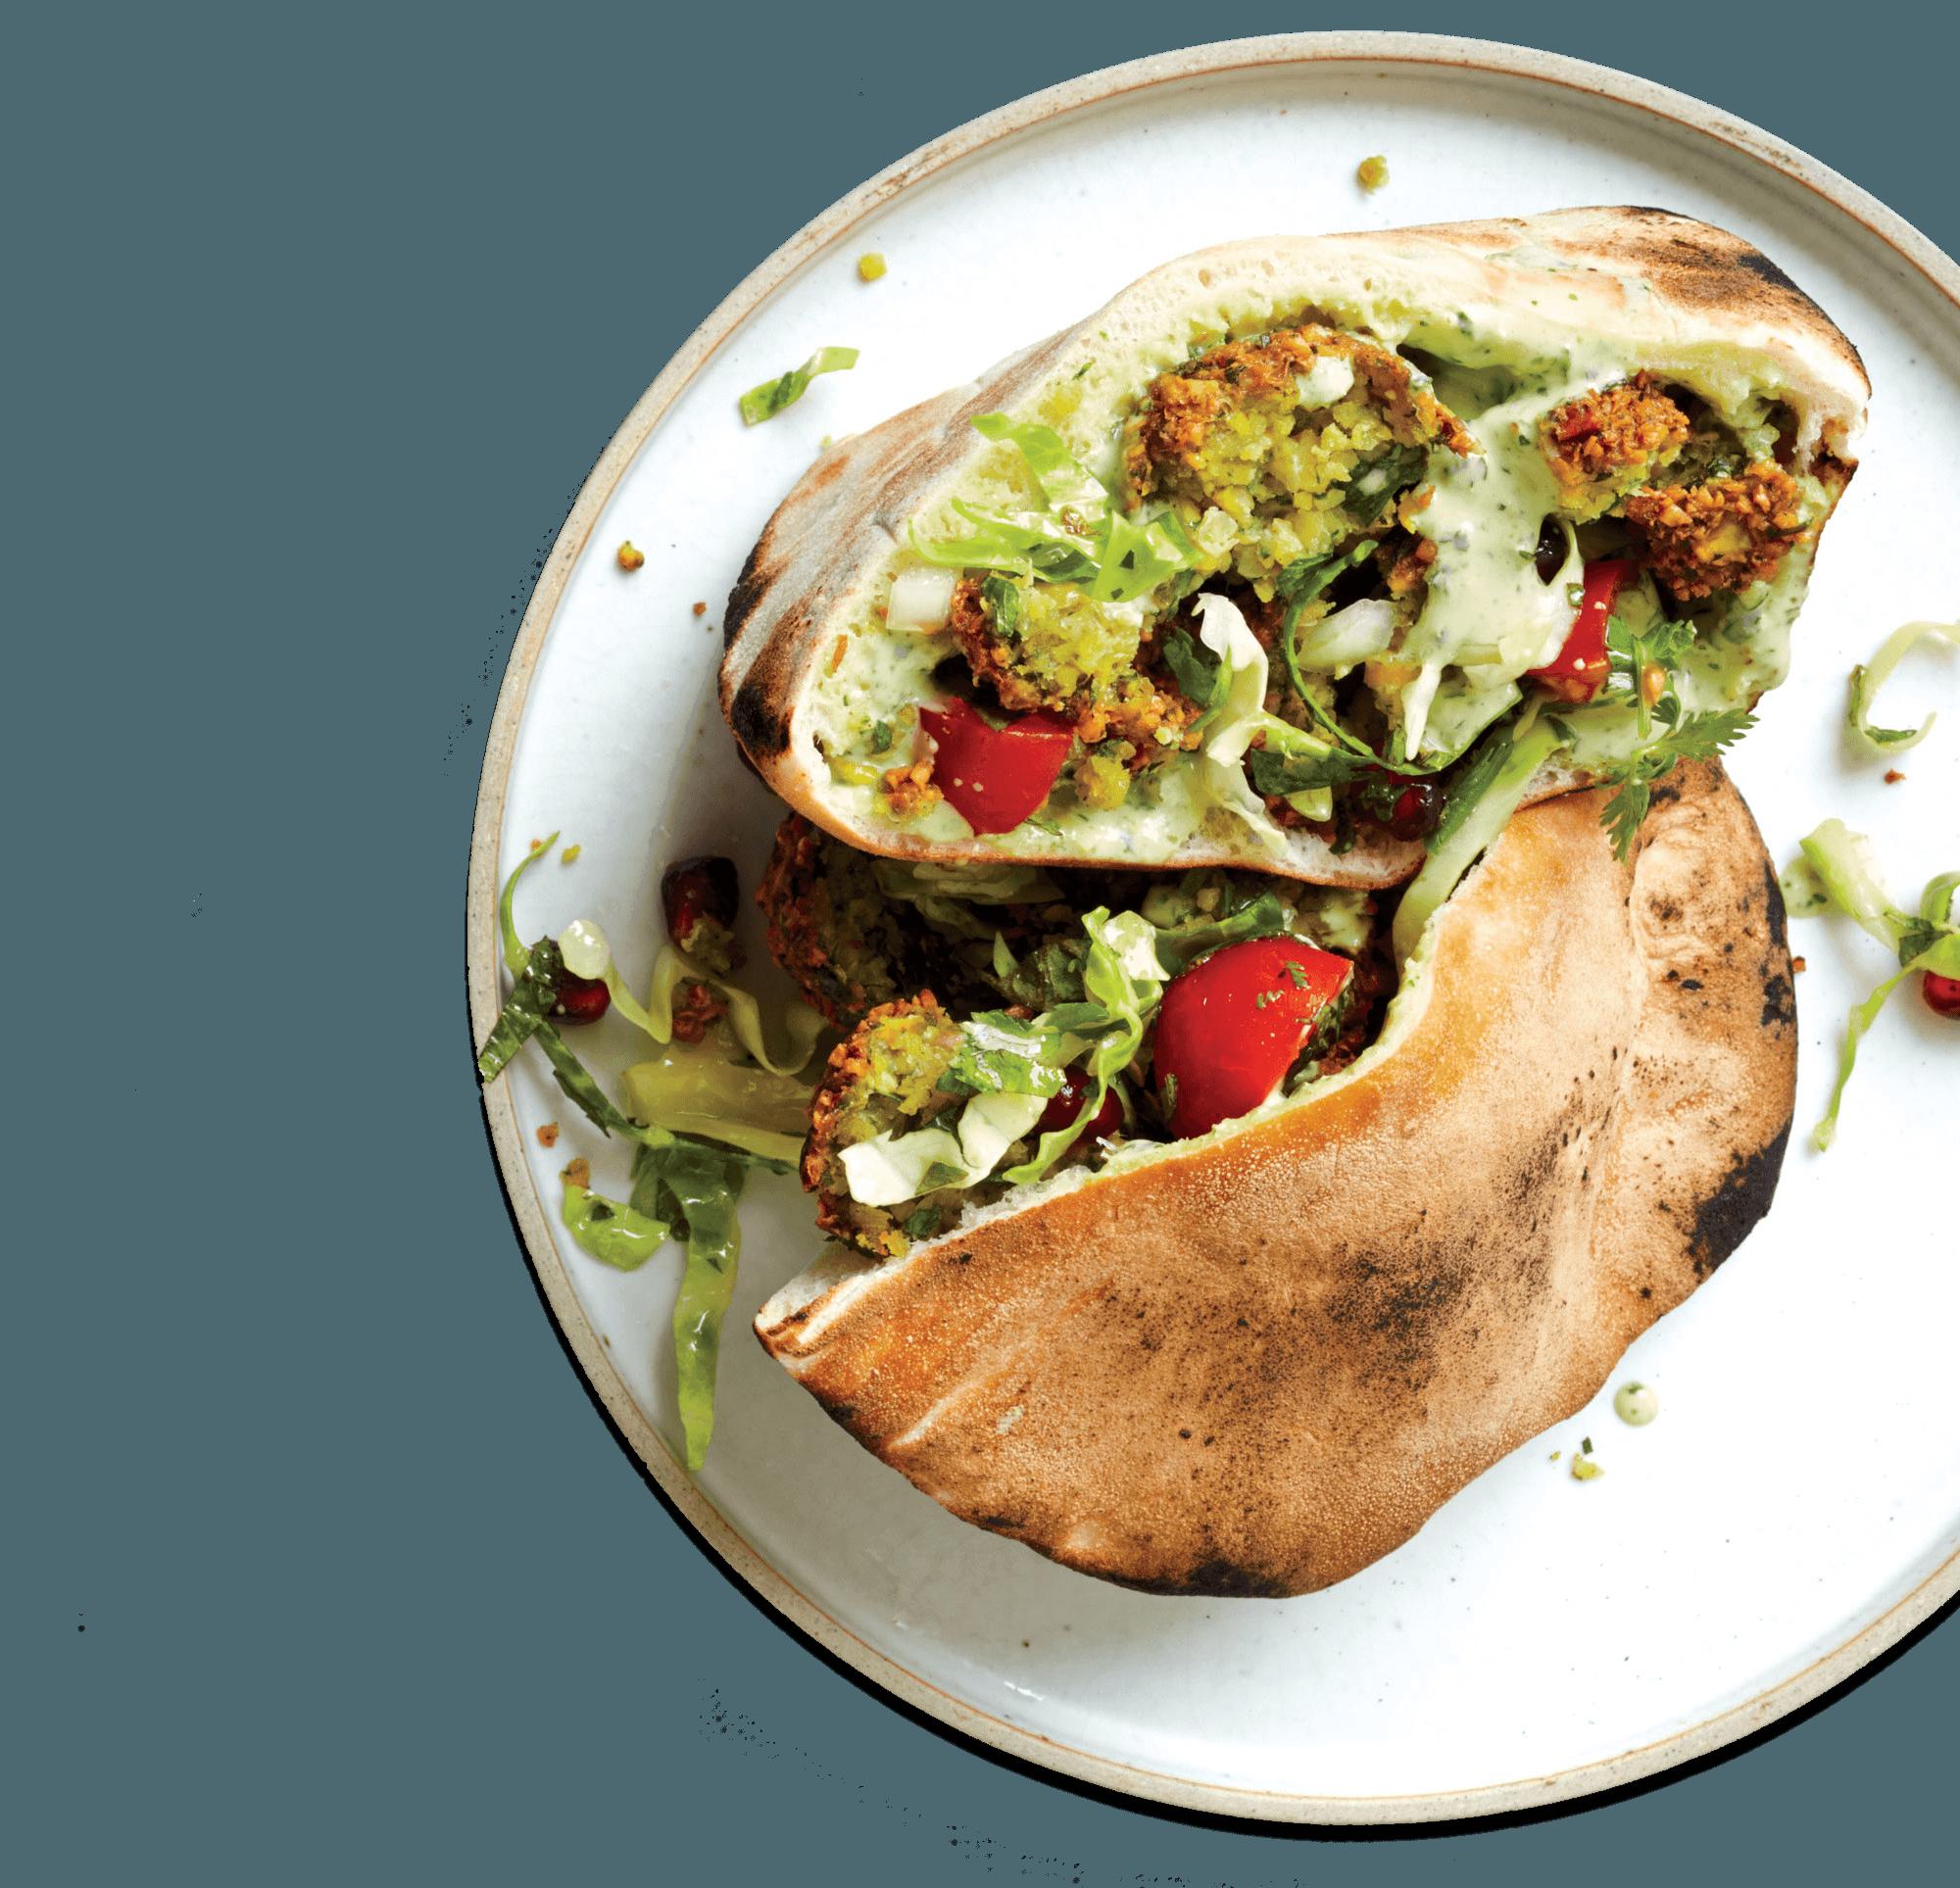 Street food plate